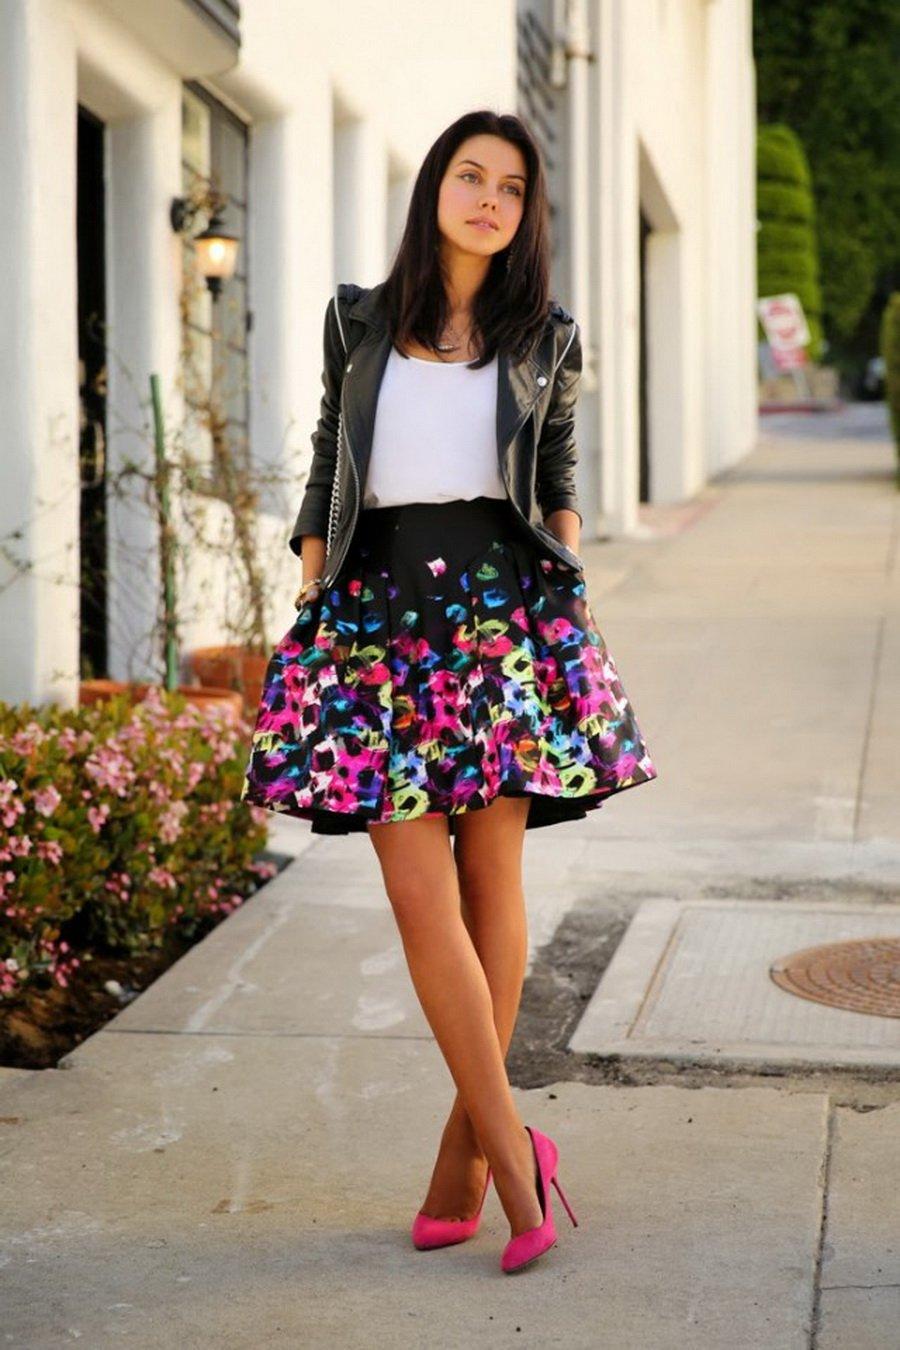 928cf79a05 Chica usando una falda con estampados florales y chaqueta de cuero